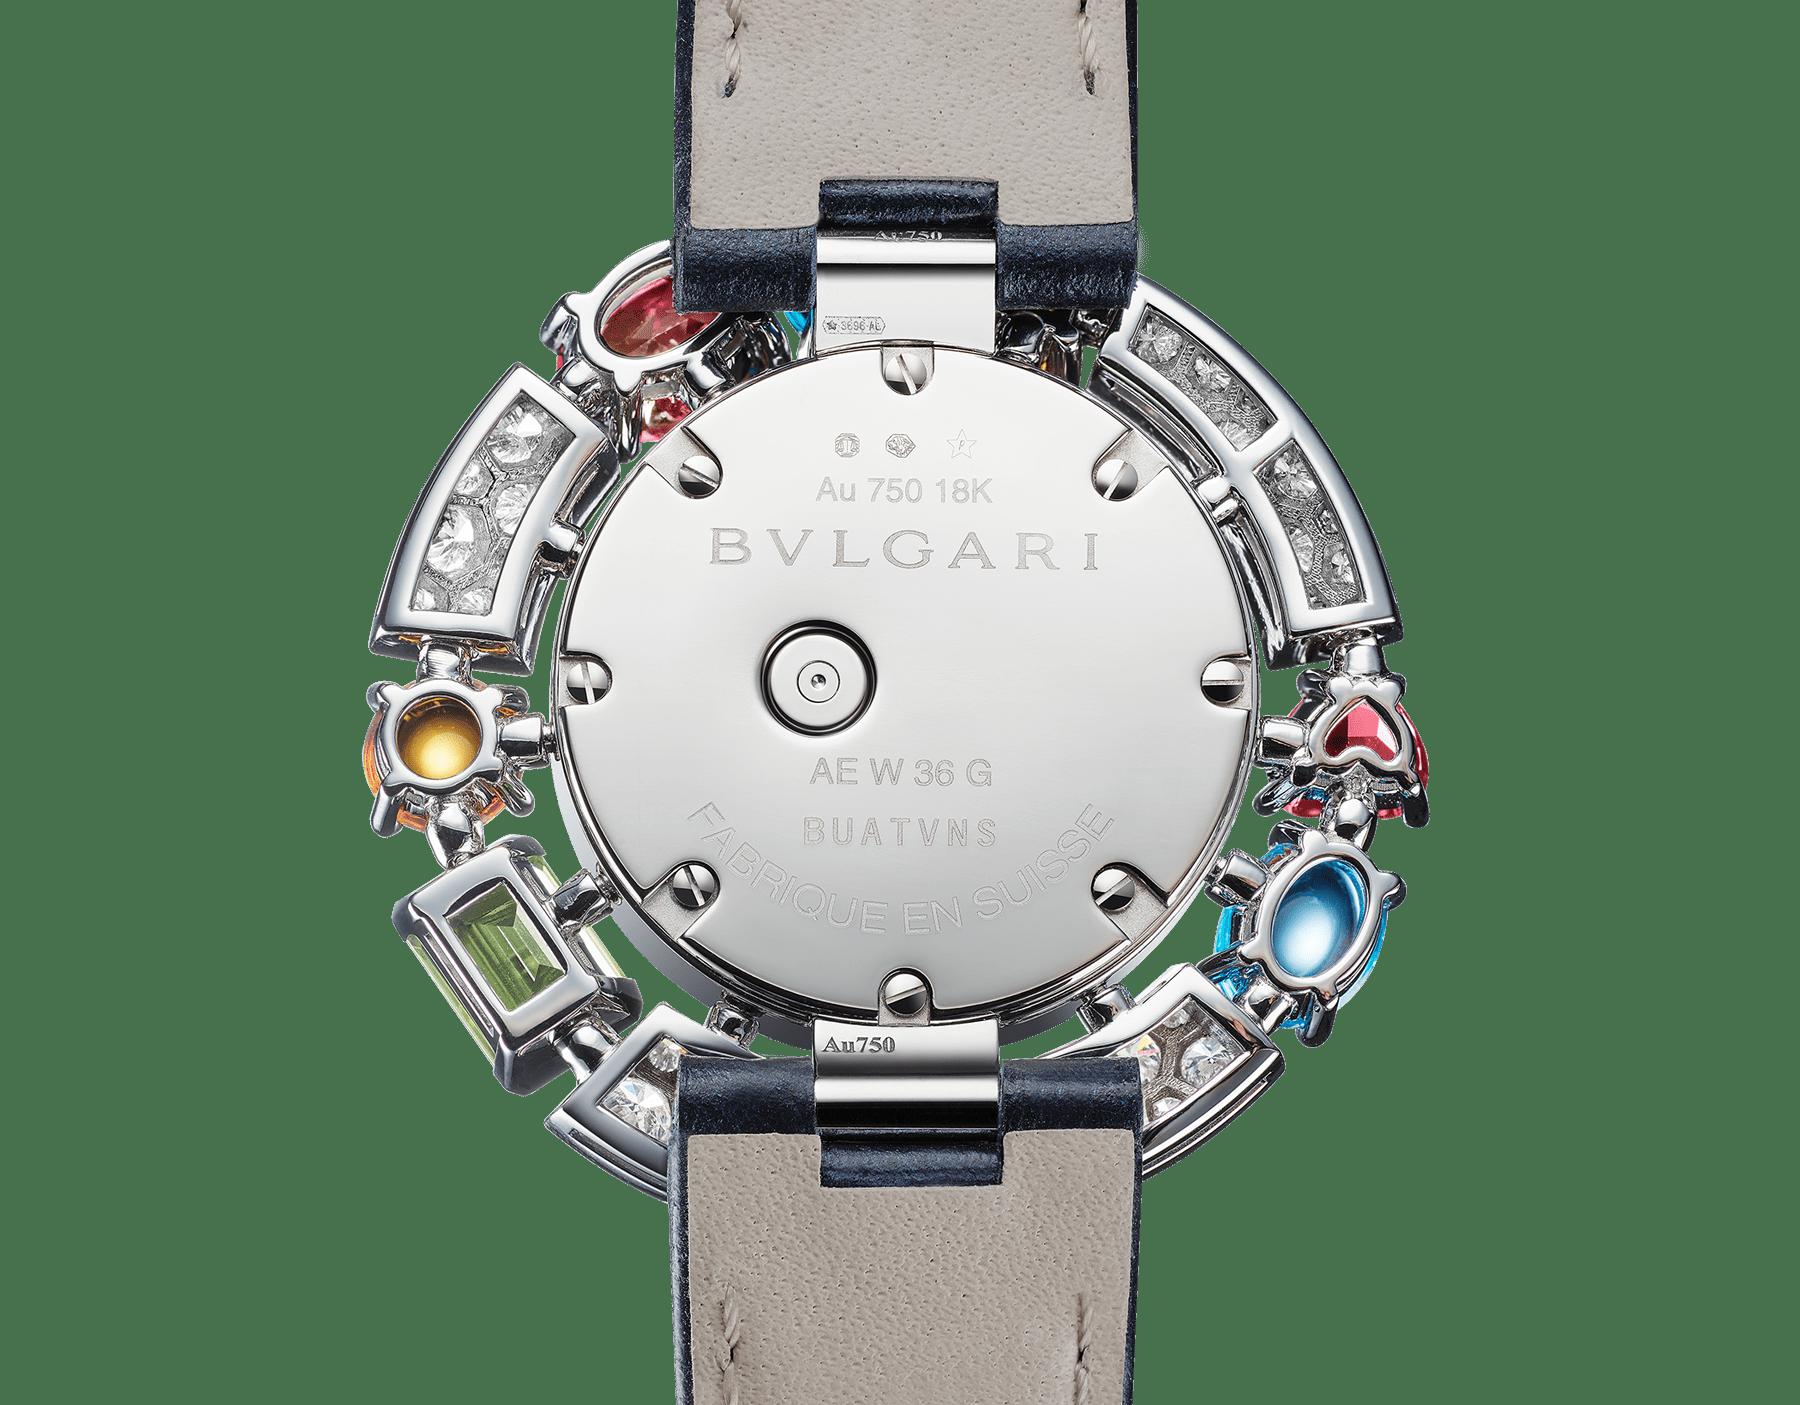 Allegra High Jewellery 頂級珠寶腕錶,18K 白金錶殼鑲飾明亮型切割鑽石、2 顆黃水晶、1 顆紫水晶、1 顆橄欖石、2 顆藍色拓帕石、2 顆玫瑰榴石。珍珠母貝錶盤,鑽石時標,藍色亮面鱷魚皮錶帶。防水深度 30 公尺。 103499 image 3